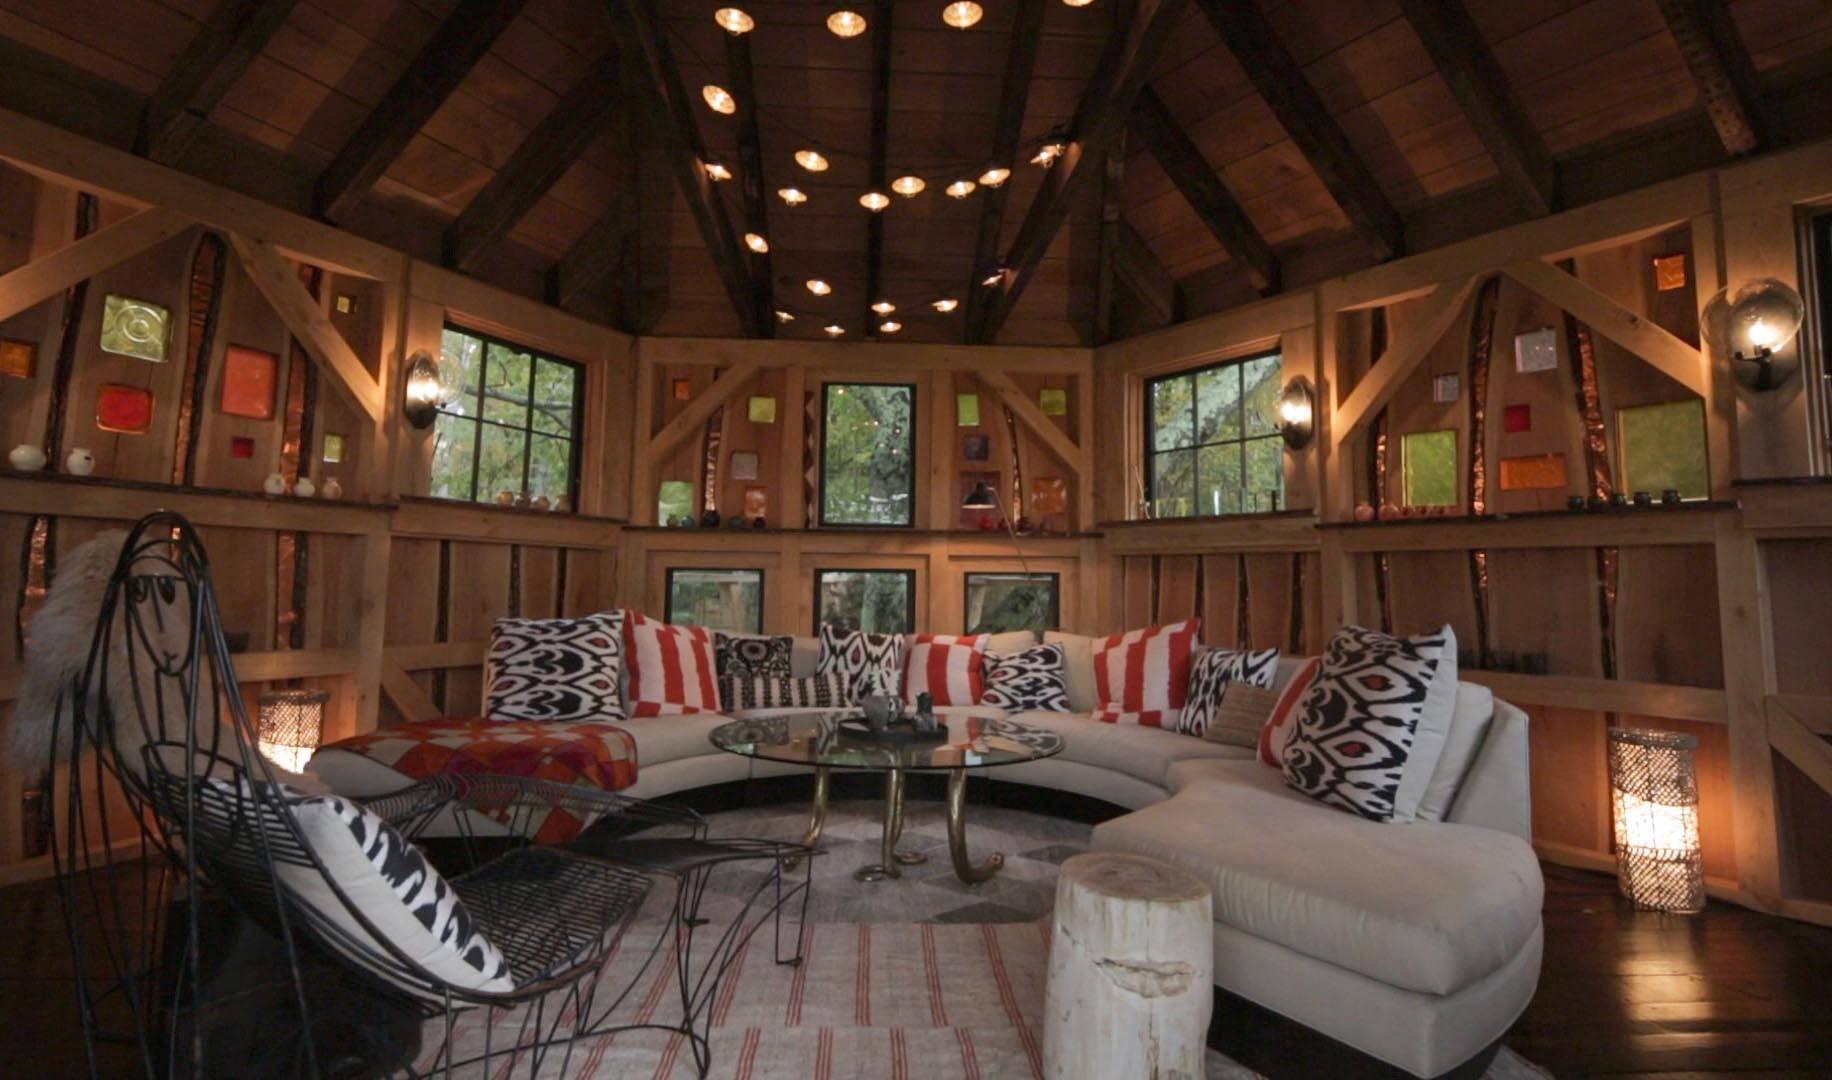 Cabane ronde en chêne, construite par Roderick Romero aux Etats-Unis.